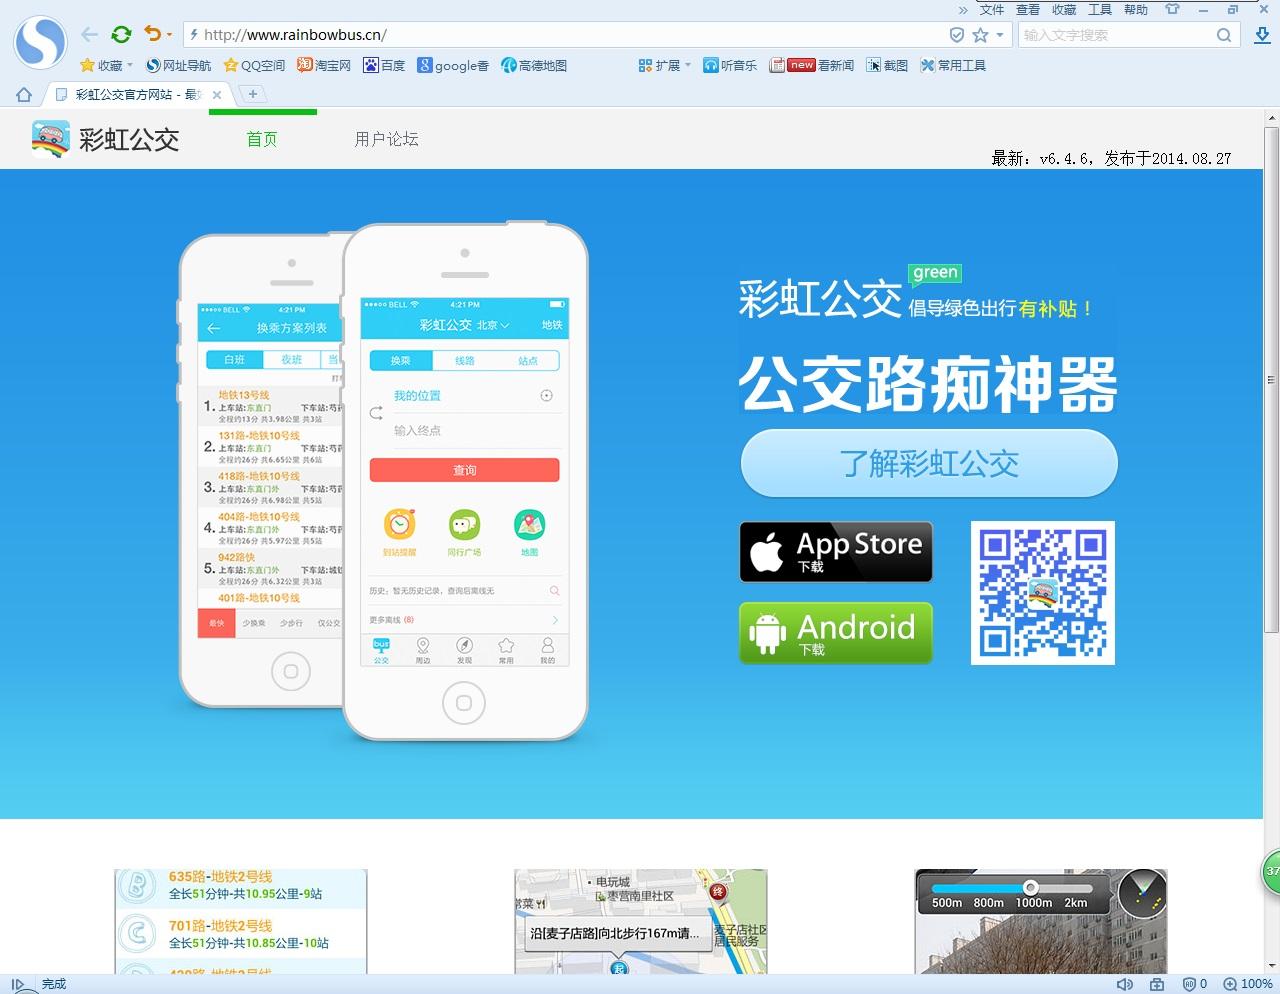 下载一个 彩虹公交的 app应用,根据城市选择数据进行公交到站查询